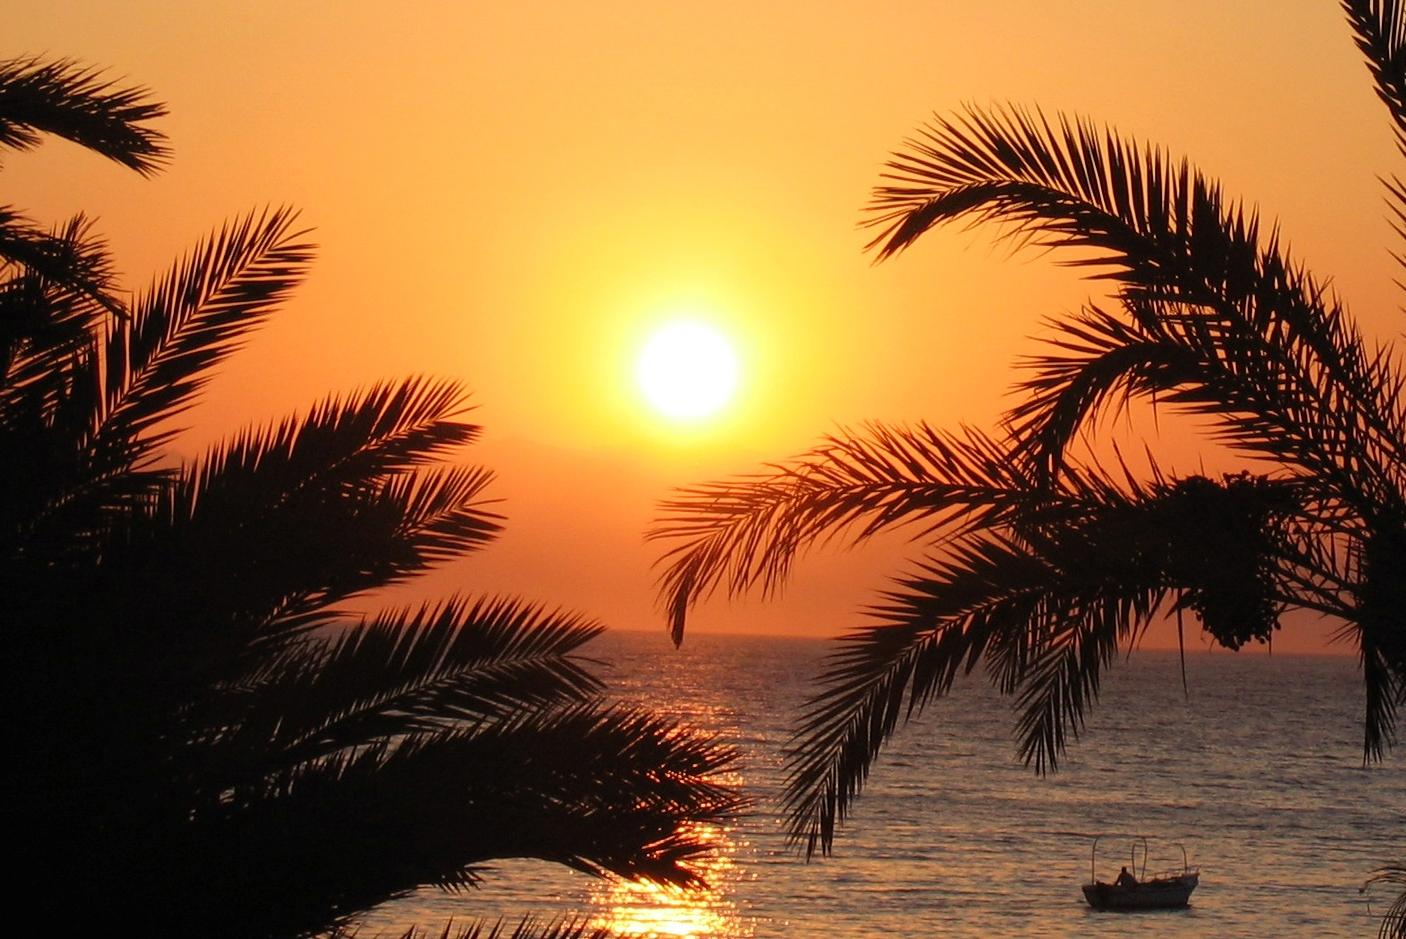 Dahab_Red Sea_Egypt_Sinai_Sunset - Kopi.JPG